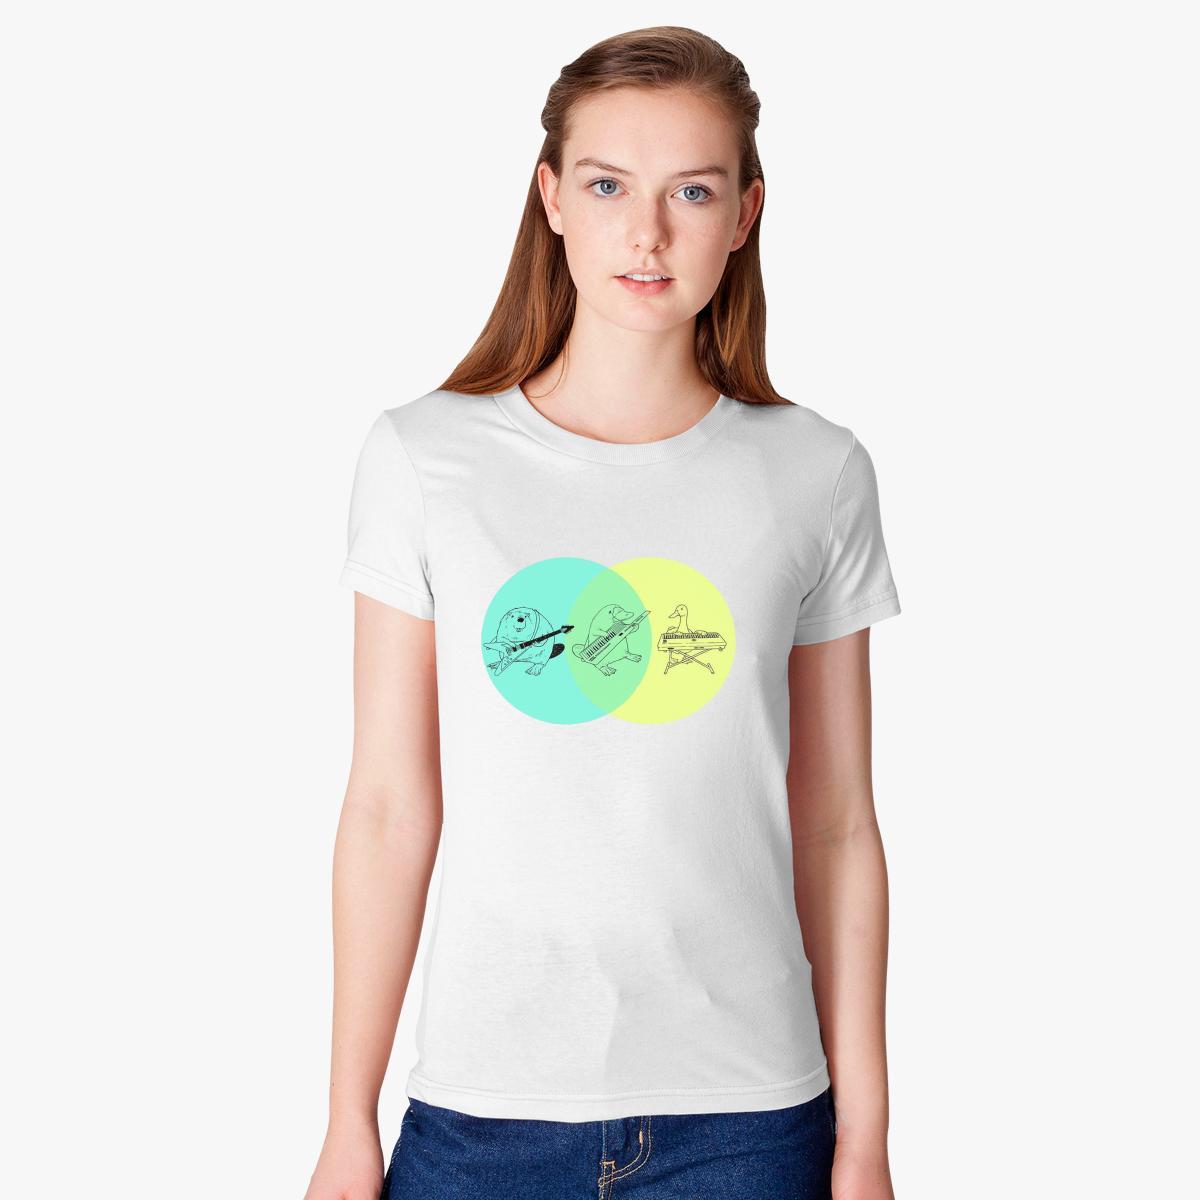 Keytar platypus venn diagram womens t shirt customon keytar platypus venn diagram womens t shirt pooptronica